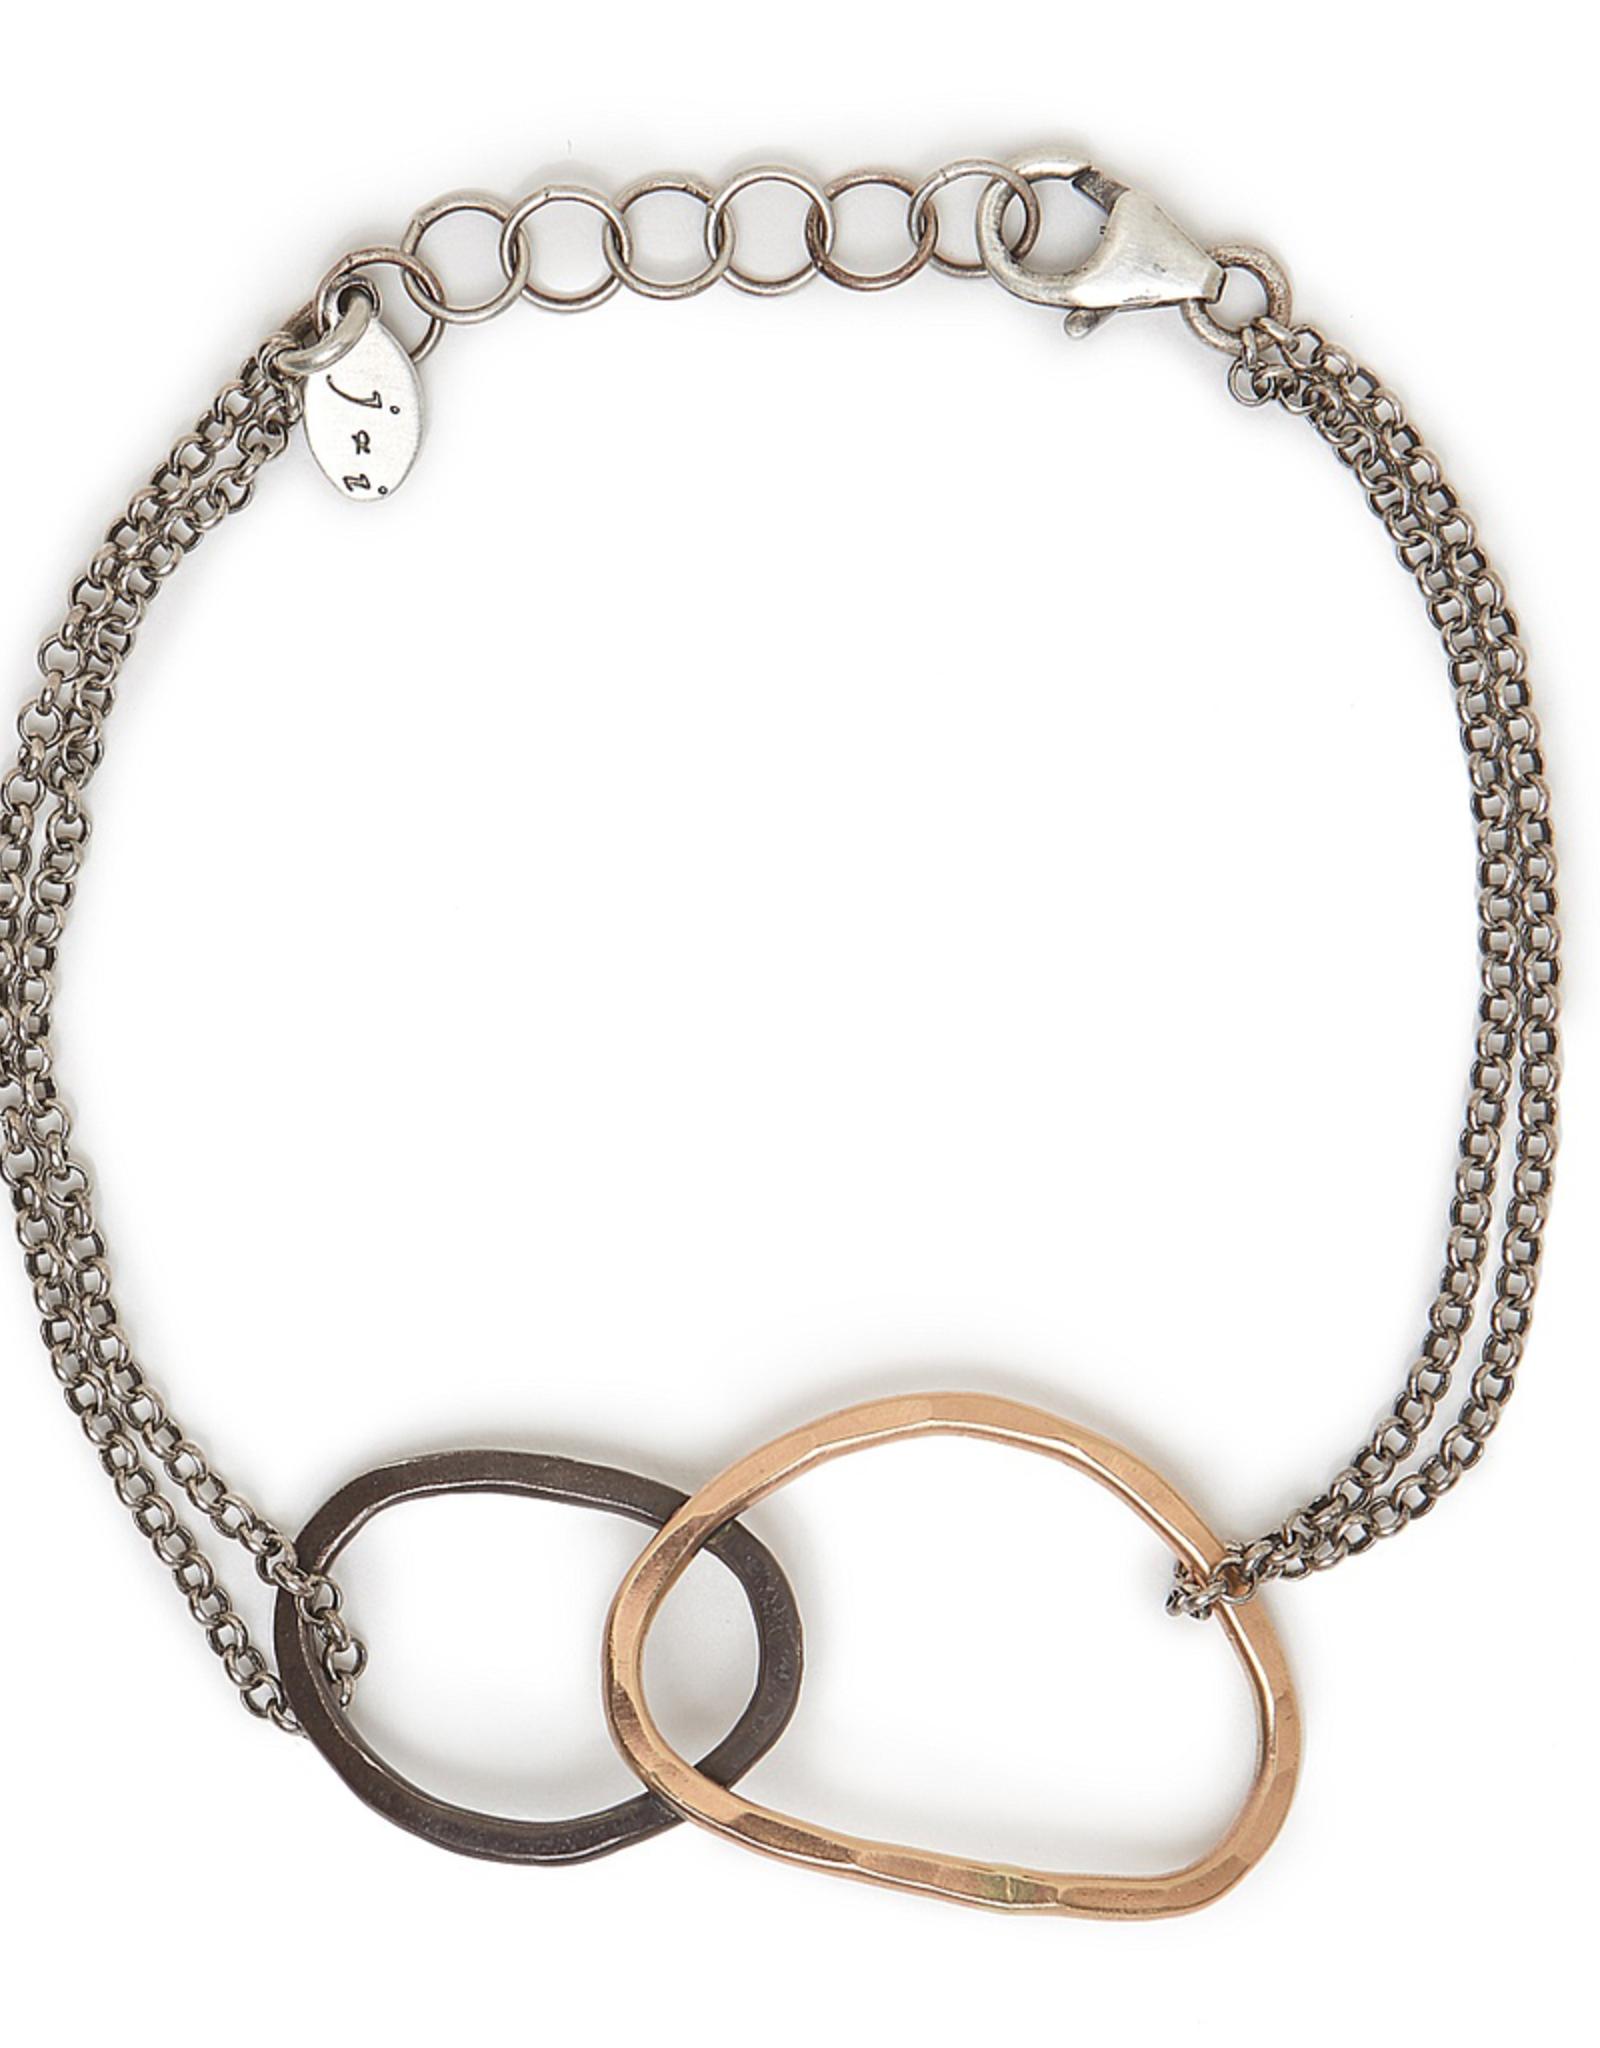 Handmade 14k Goldfill and Black Sterling Open Shape Bracelet on Chain